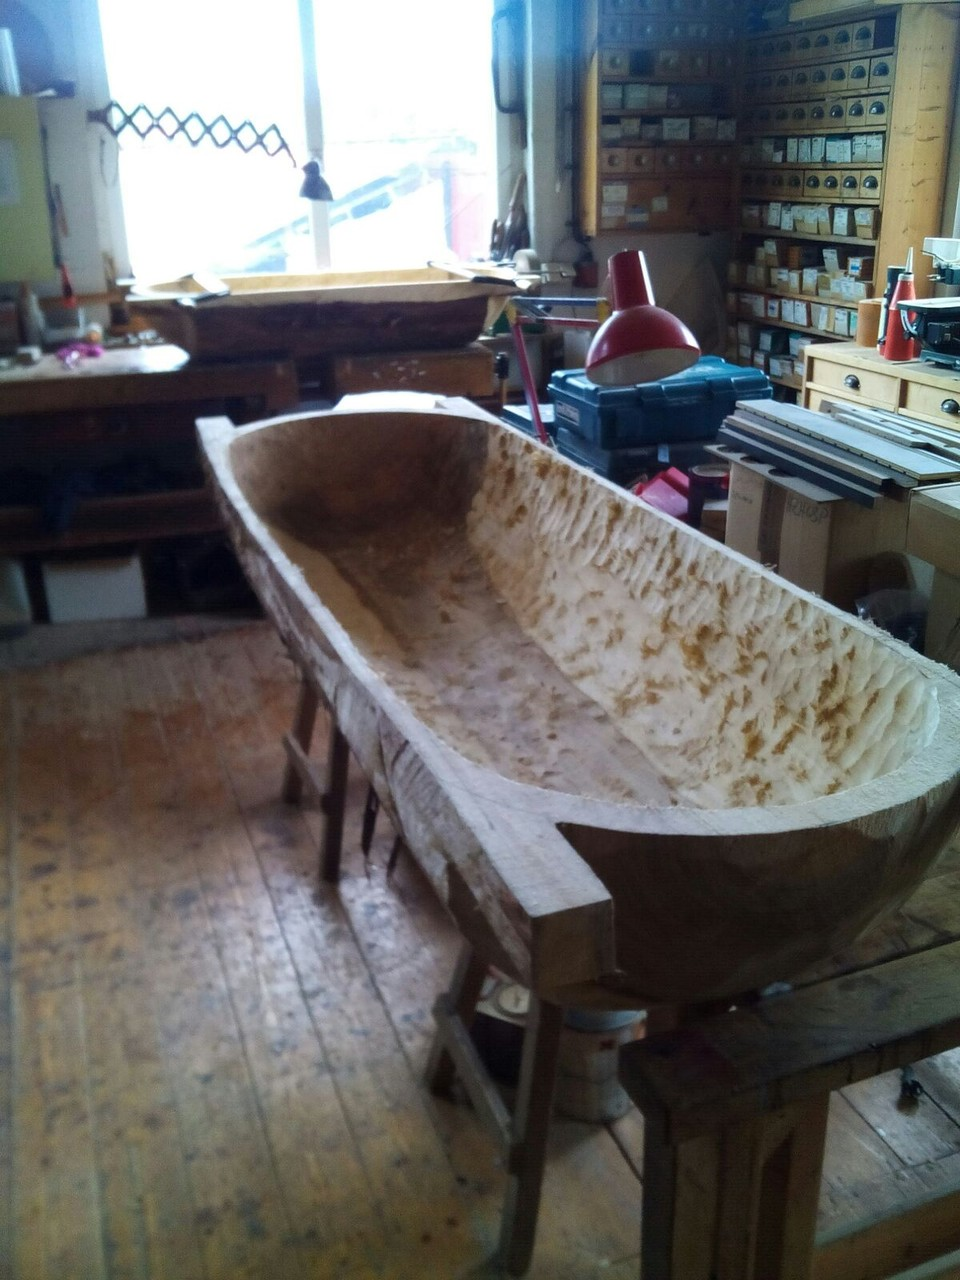 Die Backmolle ist fertig ausgefräst und die Form klar herausgearbeitet